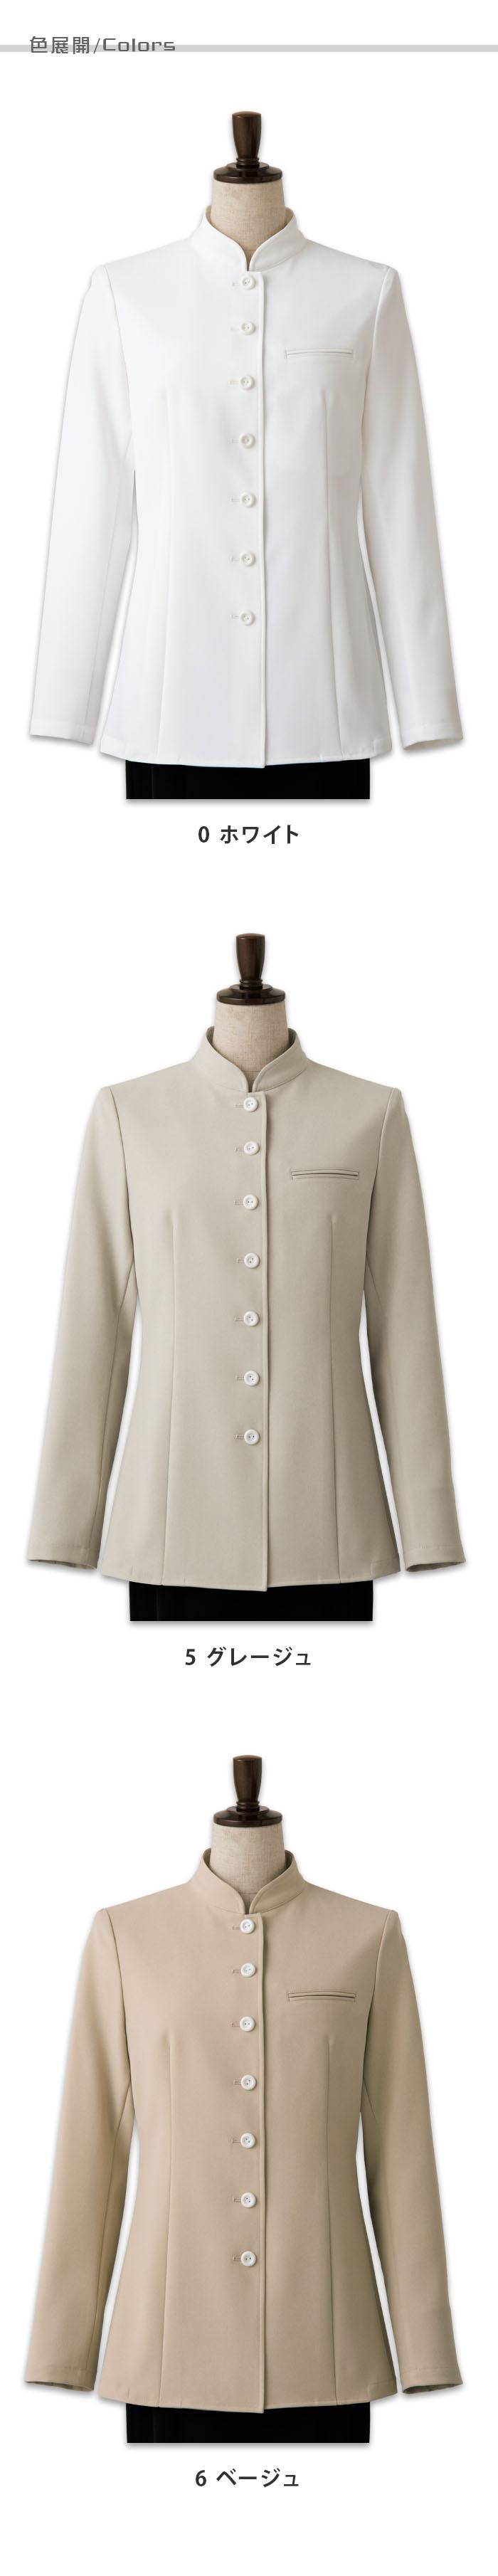 飲食店販売店制服 落ち着いた配色とシングルボタンがフォーマルな装い。 コート【3色】女性用